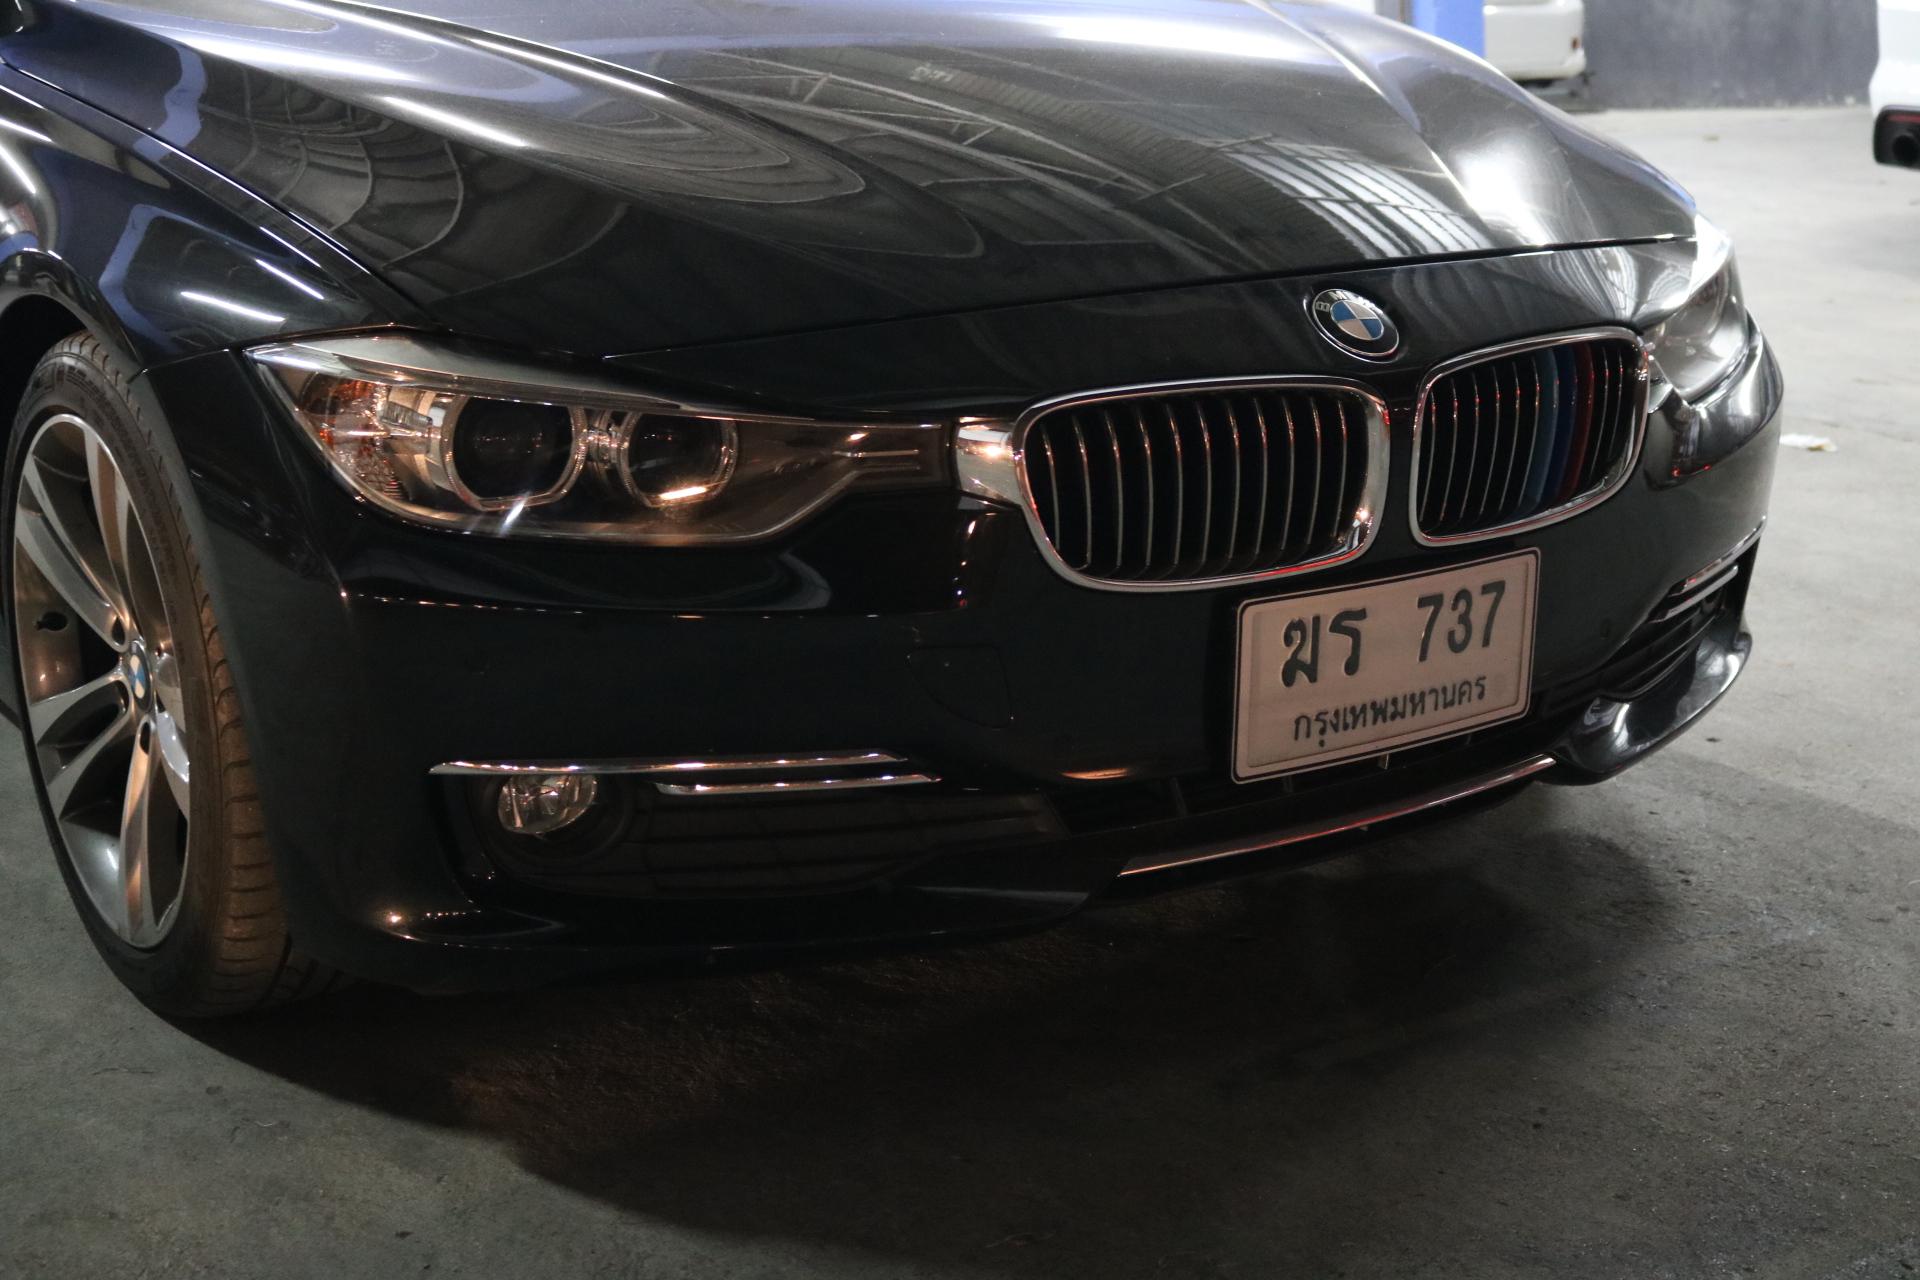 ชุดท่อไอเสีย BMW F30 Iconic